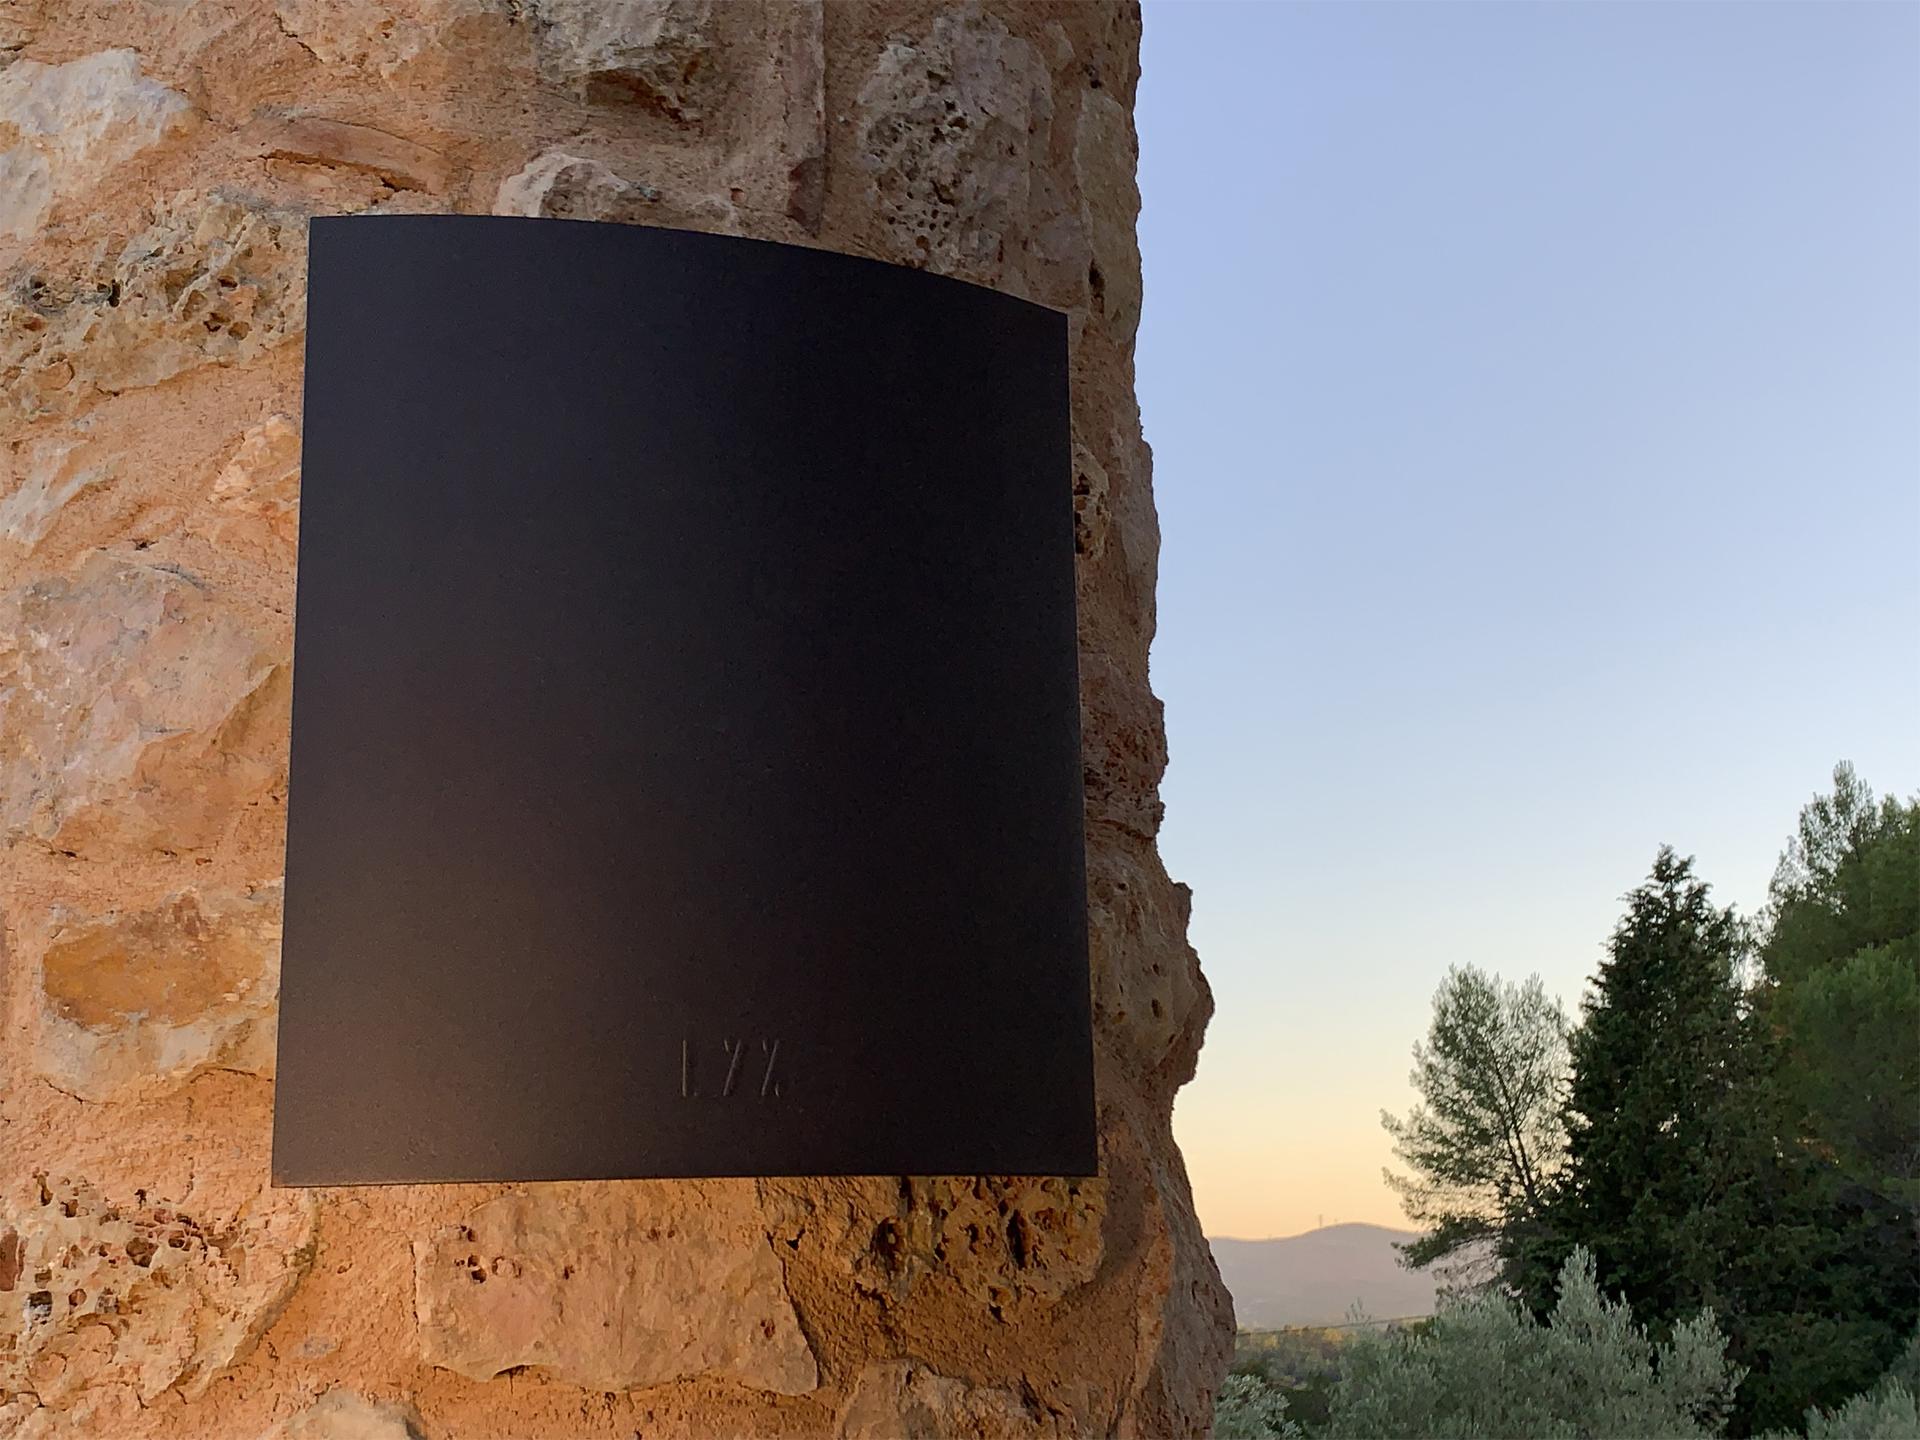 L' applique extérieure murale AP 010 LYX Luminaires est fabriquée en acier inoxydable rouille Corten. L' applique extérieure puissante est équipée d'une source LED basse consommation performante. Cette lampe murale d'extérieur fait partie avec les appliques murales solaires LYX Luminaires de la vaste collection d' appliques extérieures murales LYX Luminaires. L' applique extérieure design AP 010 est idéale pour l'éclairage de pilier, l'éclairage de portail, l'éclairage d'entrée, l'éclairage de terrasses, l'éclairage de balcons. Une applique extérieure murale design pour un éclairage moderne et un éclairage puissant. / Lampe extérieure jardin pour un éclairage extérieur design. Version lampe solaire jardin ou lampe jardin LED. Cette lampe de jardin ou lampe terrasse est une lampe de jardin avec détecteur. Fabriquée en acier, la lampe jardin détecteur permet un éclairage solaire ou un éclairage LED puissant selon le modèle choisi. Découvrez la collection de luminaires extérieurs constituée de lampes solaires et lampes LED. Vaste collection d'appliques extérieures / appliques murales : applique murale extérieure solaire, applique murale LED, applique extérieure design. Les appliques extérieures murales sont de fabrication française. Lampe solaire idéale pour l'éclairage de terrasses, de jardin. Lampe solaire terrasse, lampe extérieure terrasse permettant un éclairage performant. La lampe extérieure est équipée d'un détecteur de présence. Le luminaire extérieur doté d'un détecteur de mouvement, éclaire au passage d'une personne d'une voiture. Lampe extérieure détecteur puissante et efficace, au design épuré et moderne. Cette applique extérieure fait partie de la vaste collection d'appliques murales extérieures composée d'appliques murales LED et appliques murales solaires. Lampe murale LED fabriquée en acier comme toutes nos lampes murales (lampe murale LED et lampe solaire murale). Cette lampe murale extérieure diffuse un éclairage puissant. C'est une applique murale d